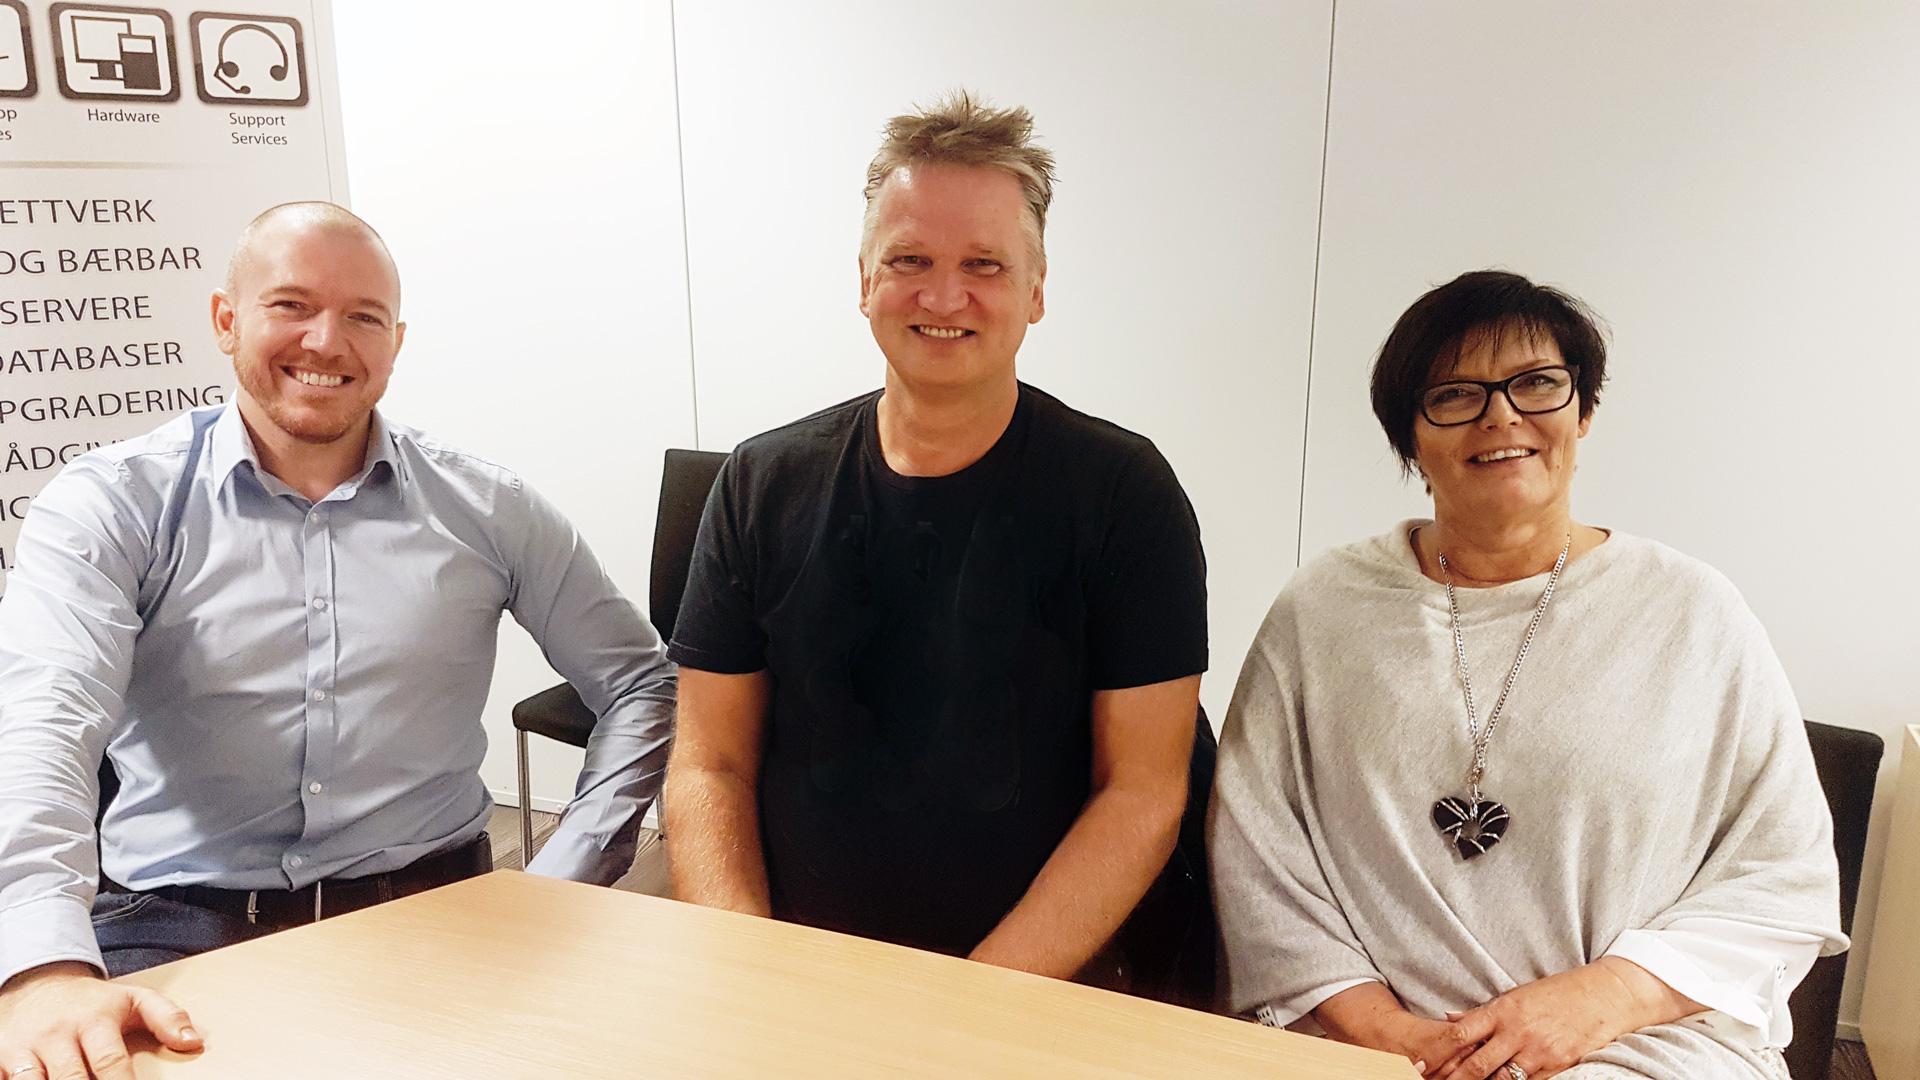 Daglig leder i MPM,Bård Dalland Kjærgård (midten) sammen med Eivind Antoniazzi fra Argonville og Evelyn Bjørge fra MTI IT-Service